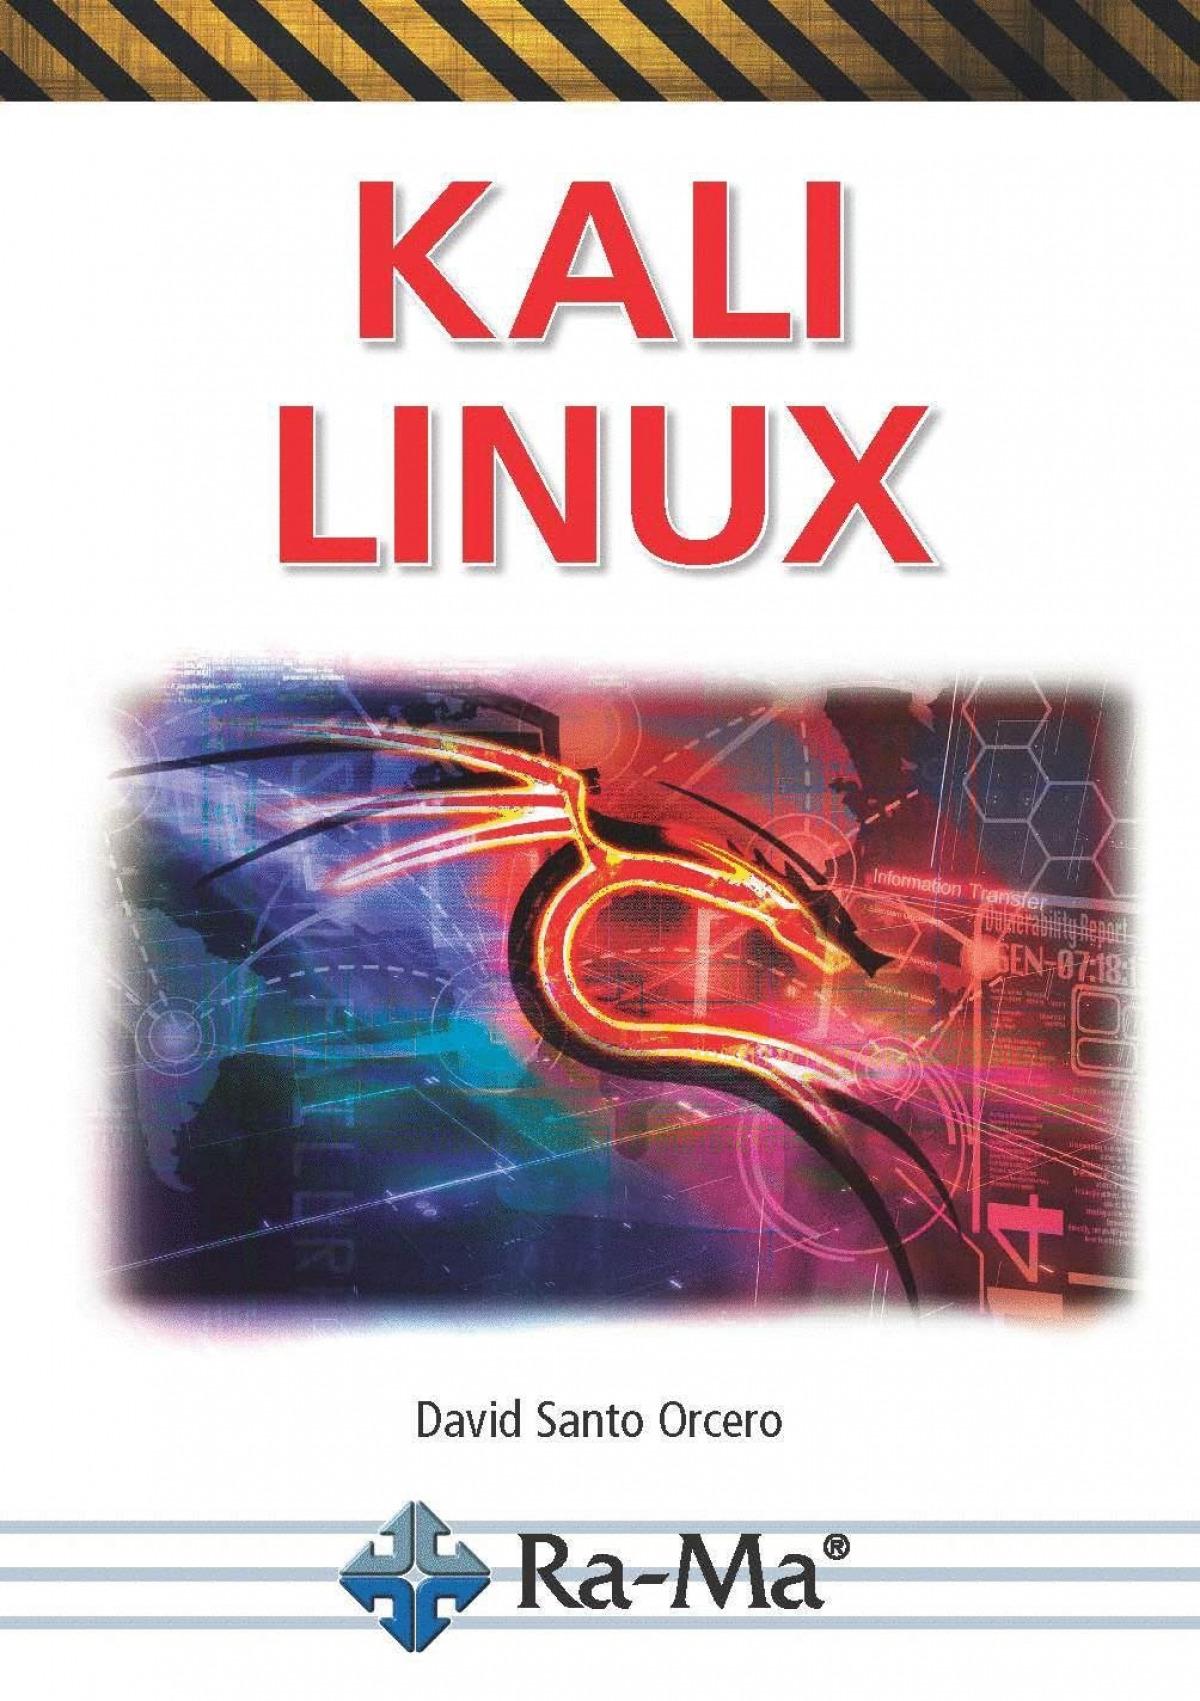 KALI LINUX 9788499647296